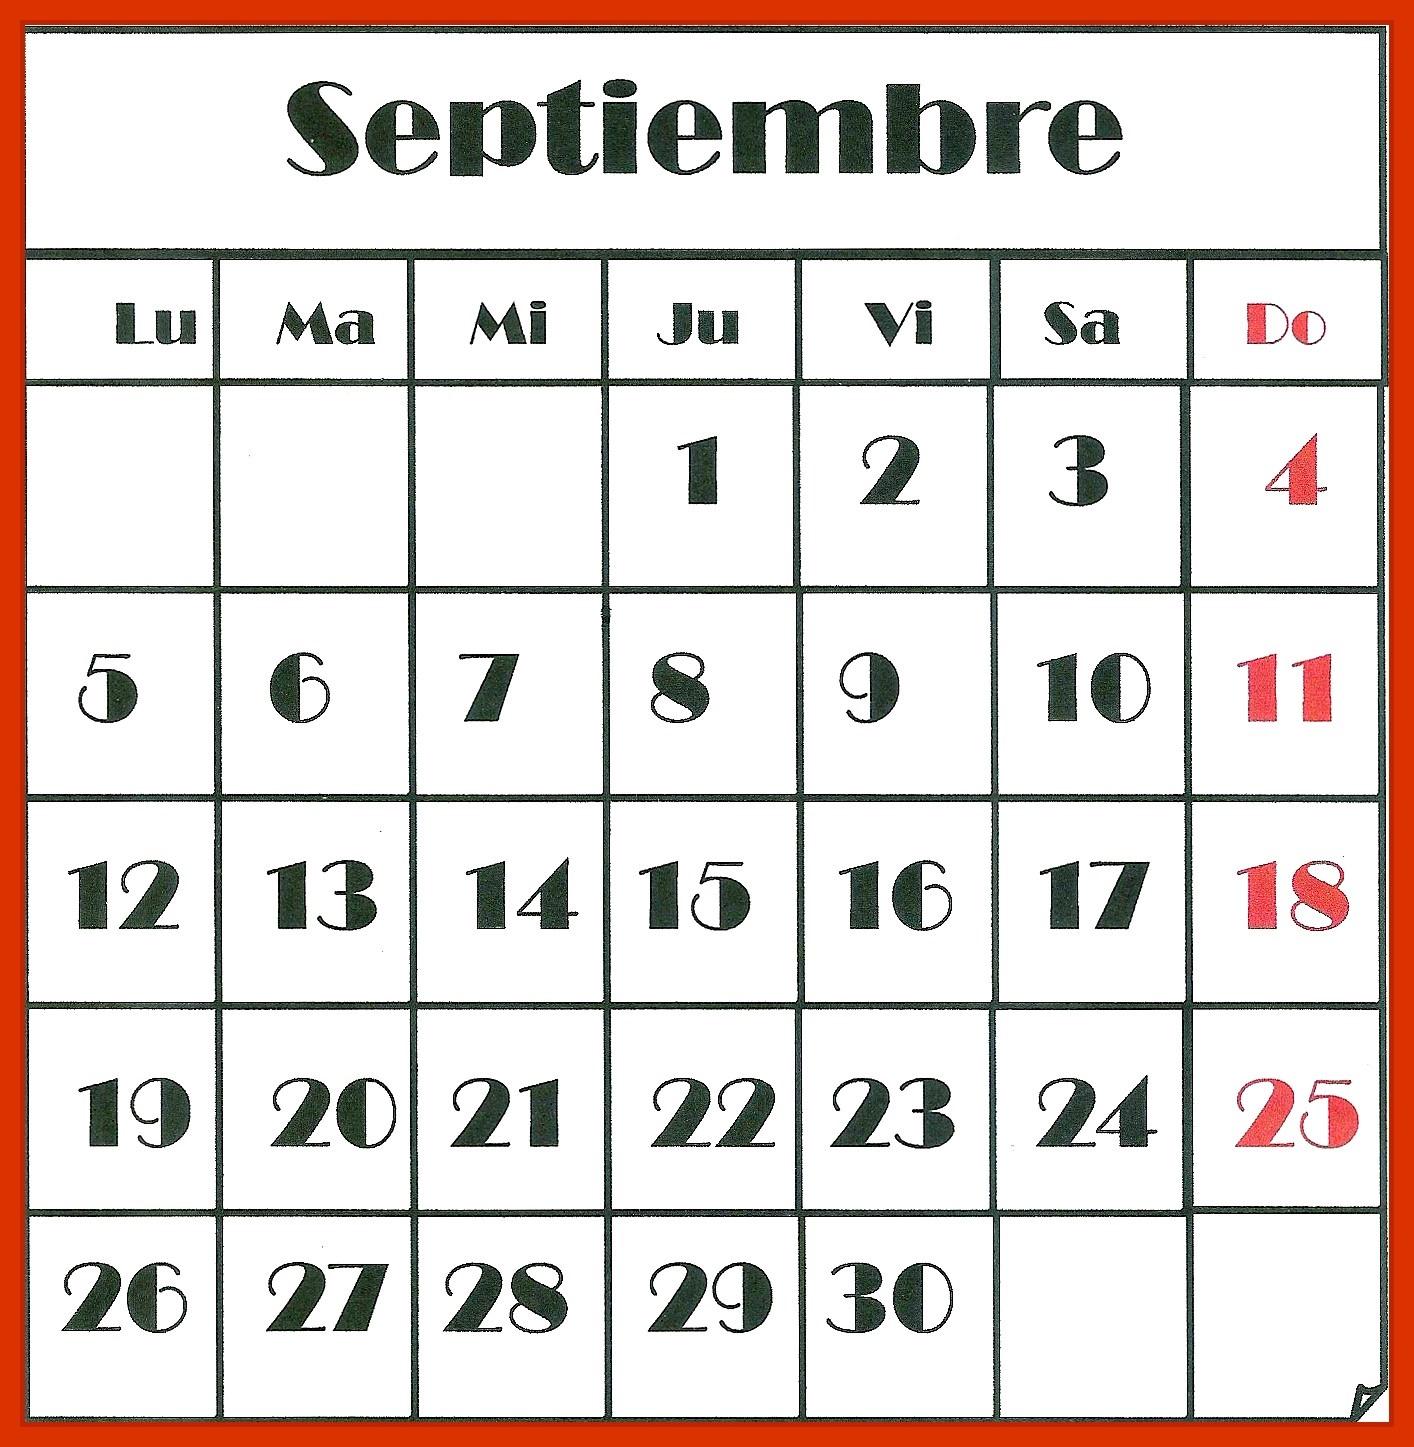 Calendario De Septiembre.Calendario De Septiembre I E S Piramide Huesca